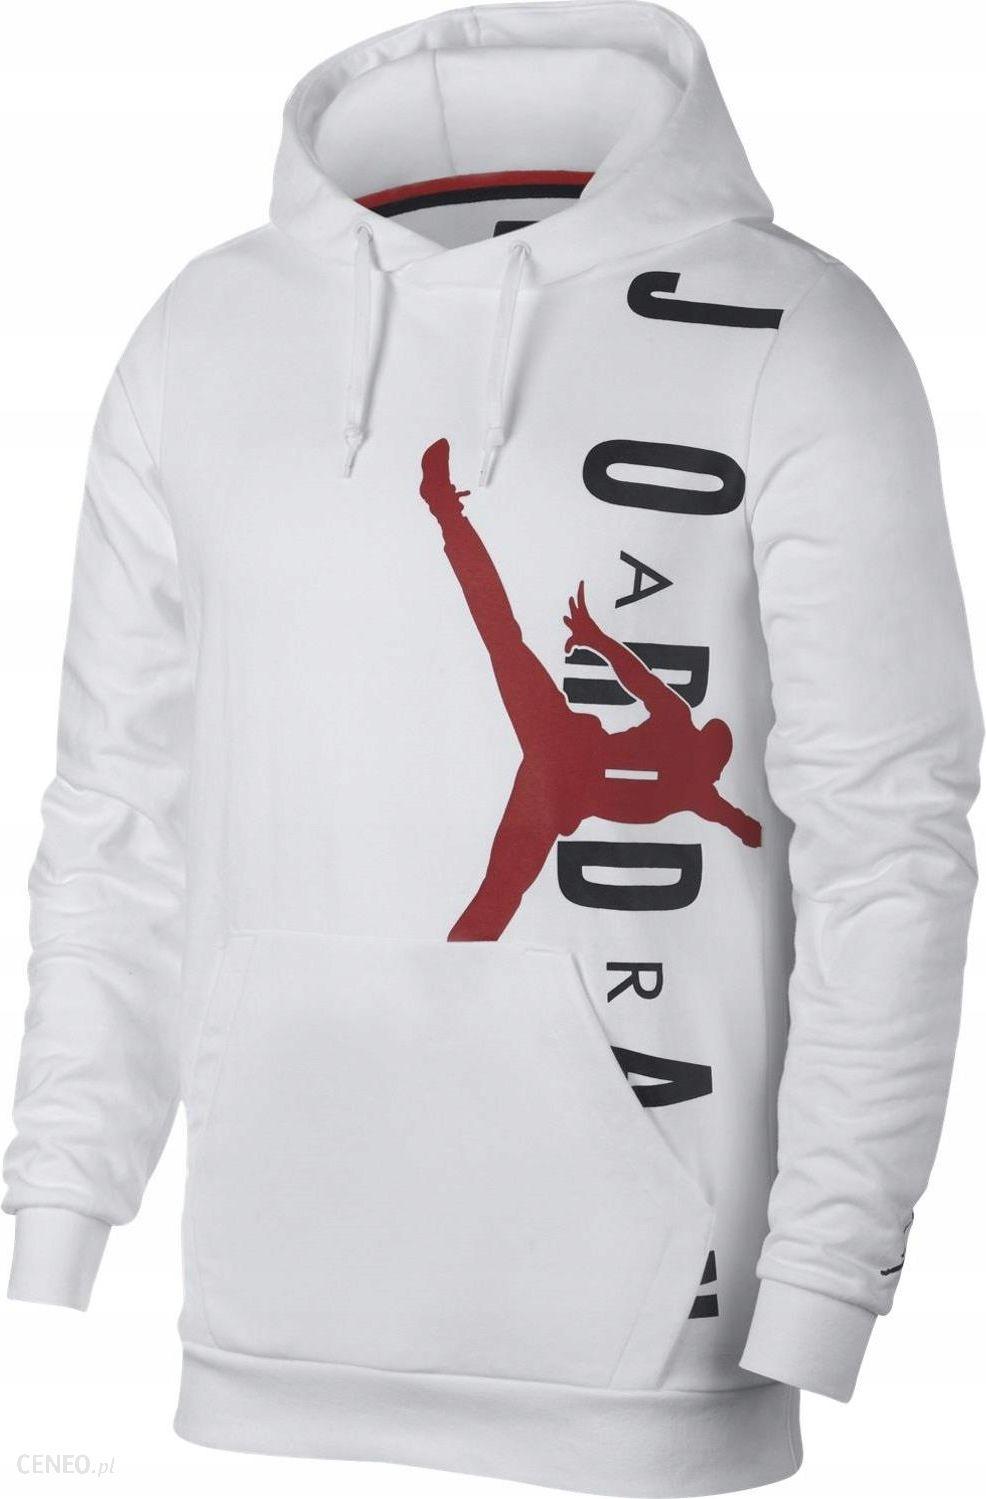 XL Bluza Nike Jordan Jumpman AO0446 010 Czarna Ceny i opinie Ceneo.pl